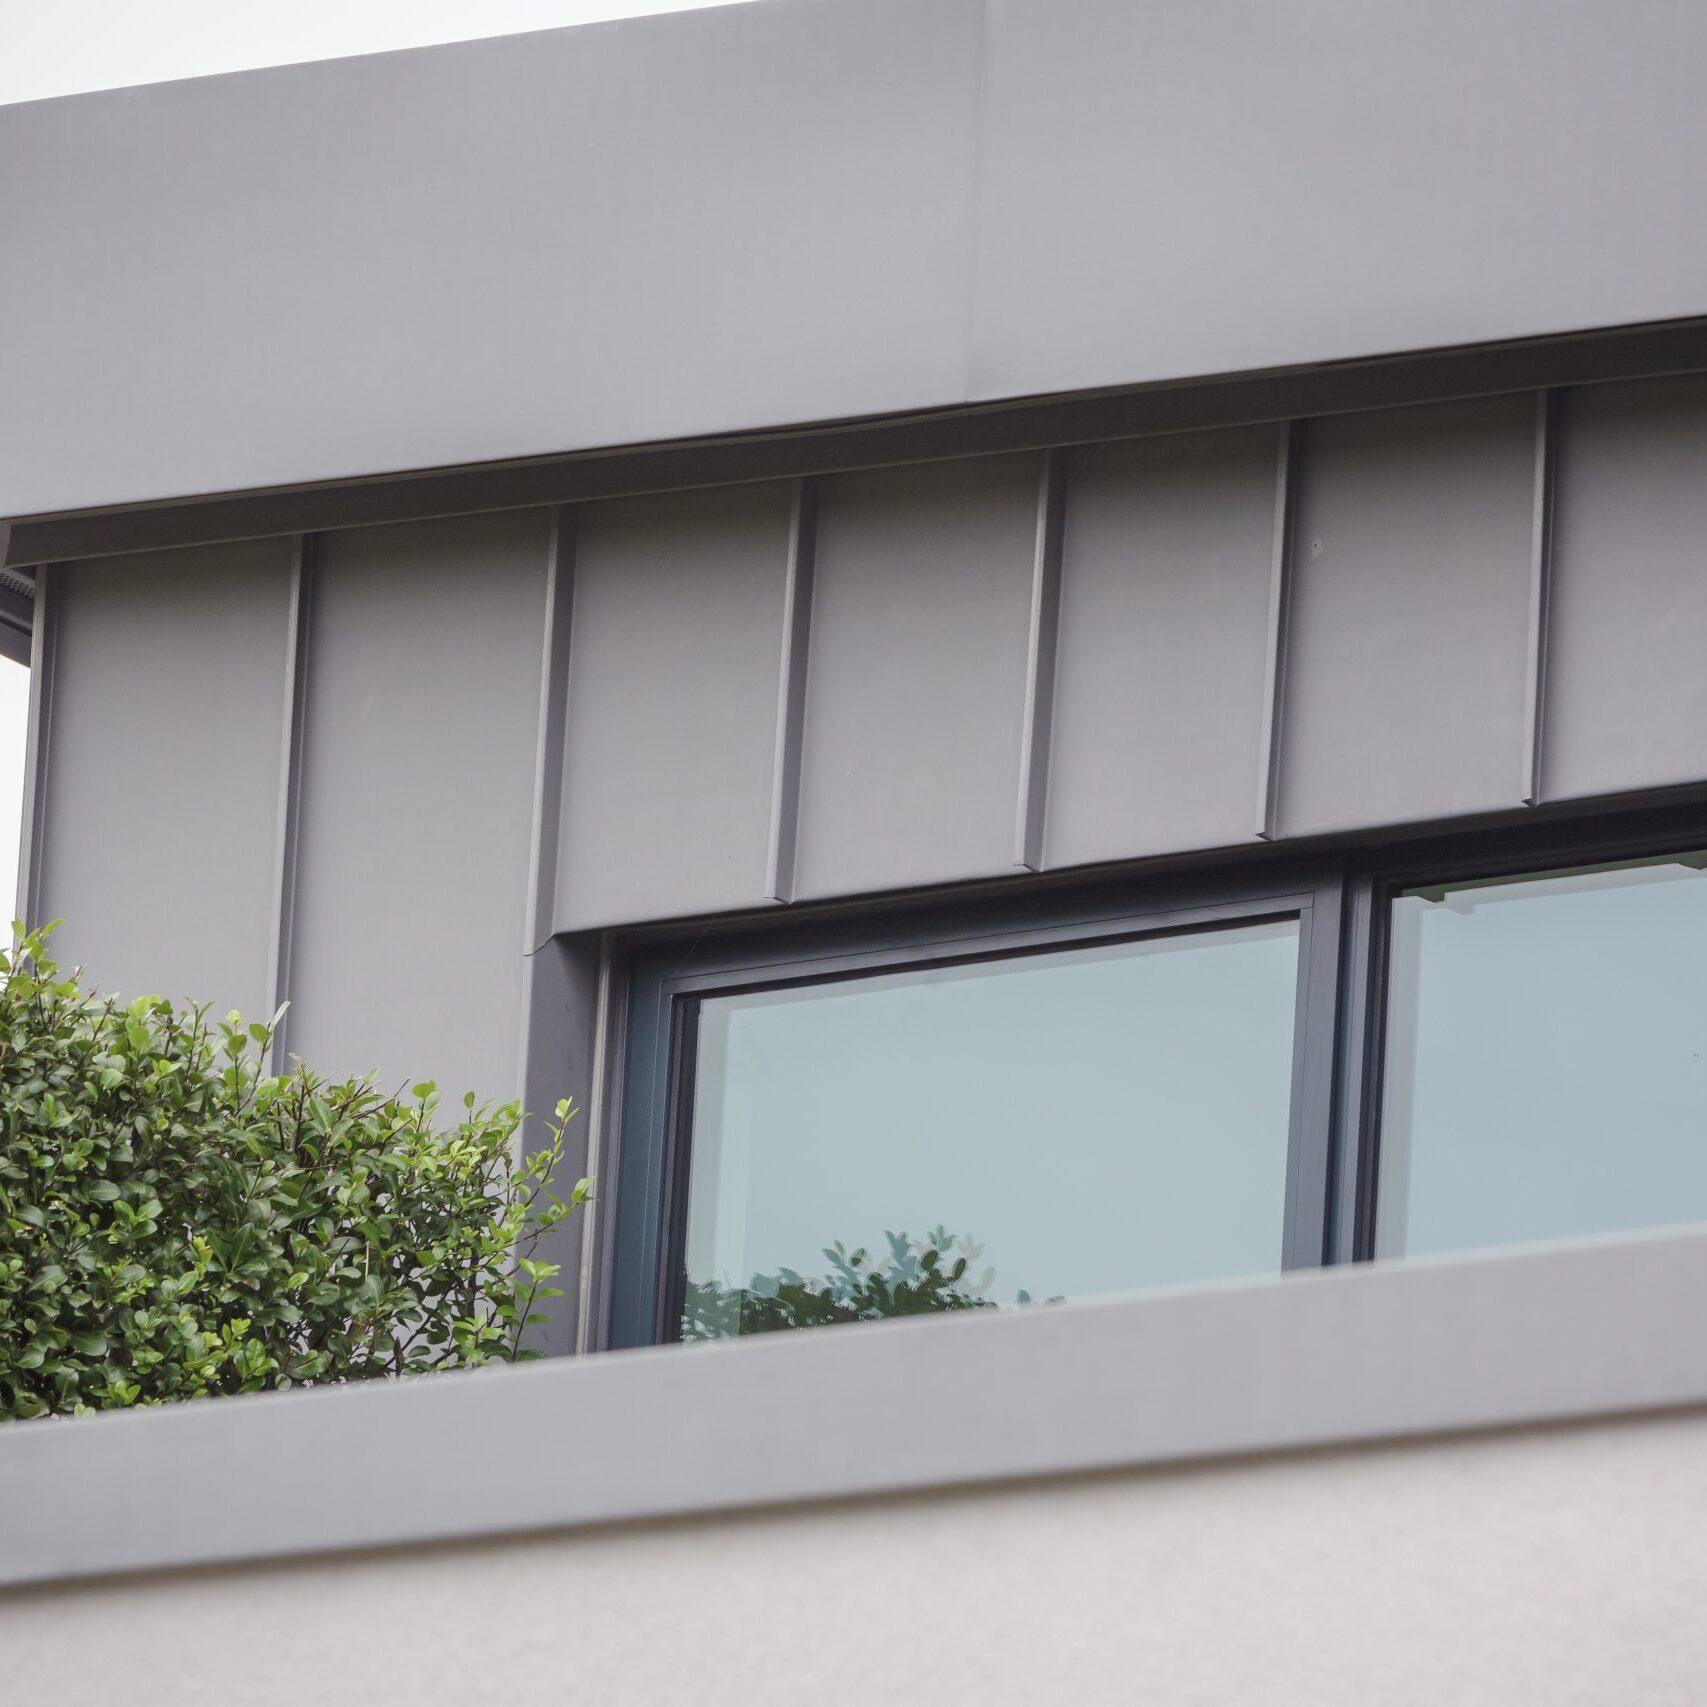 CE - 15 Greatfield Drive - Exterior details 016